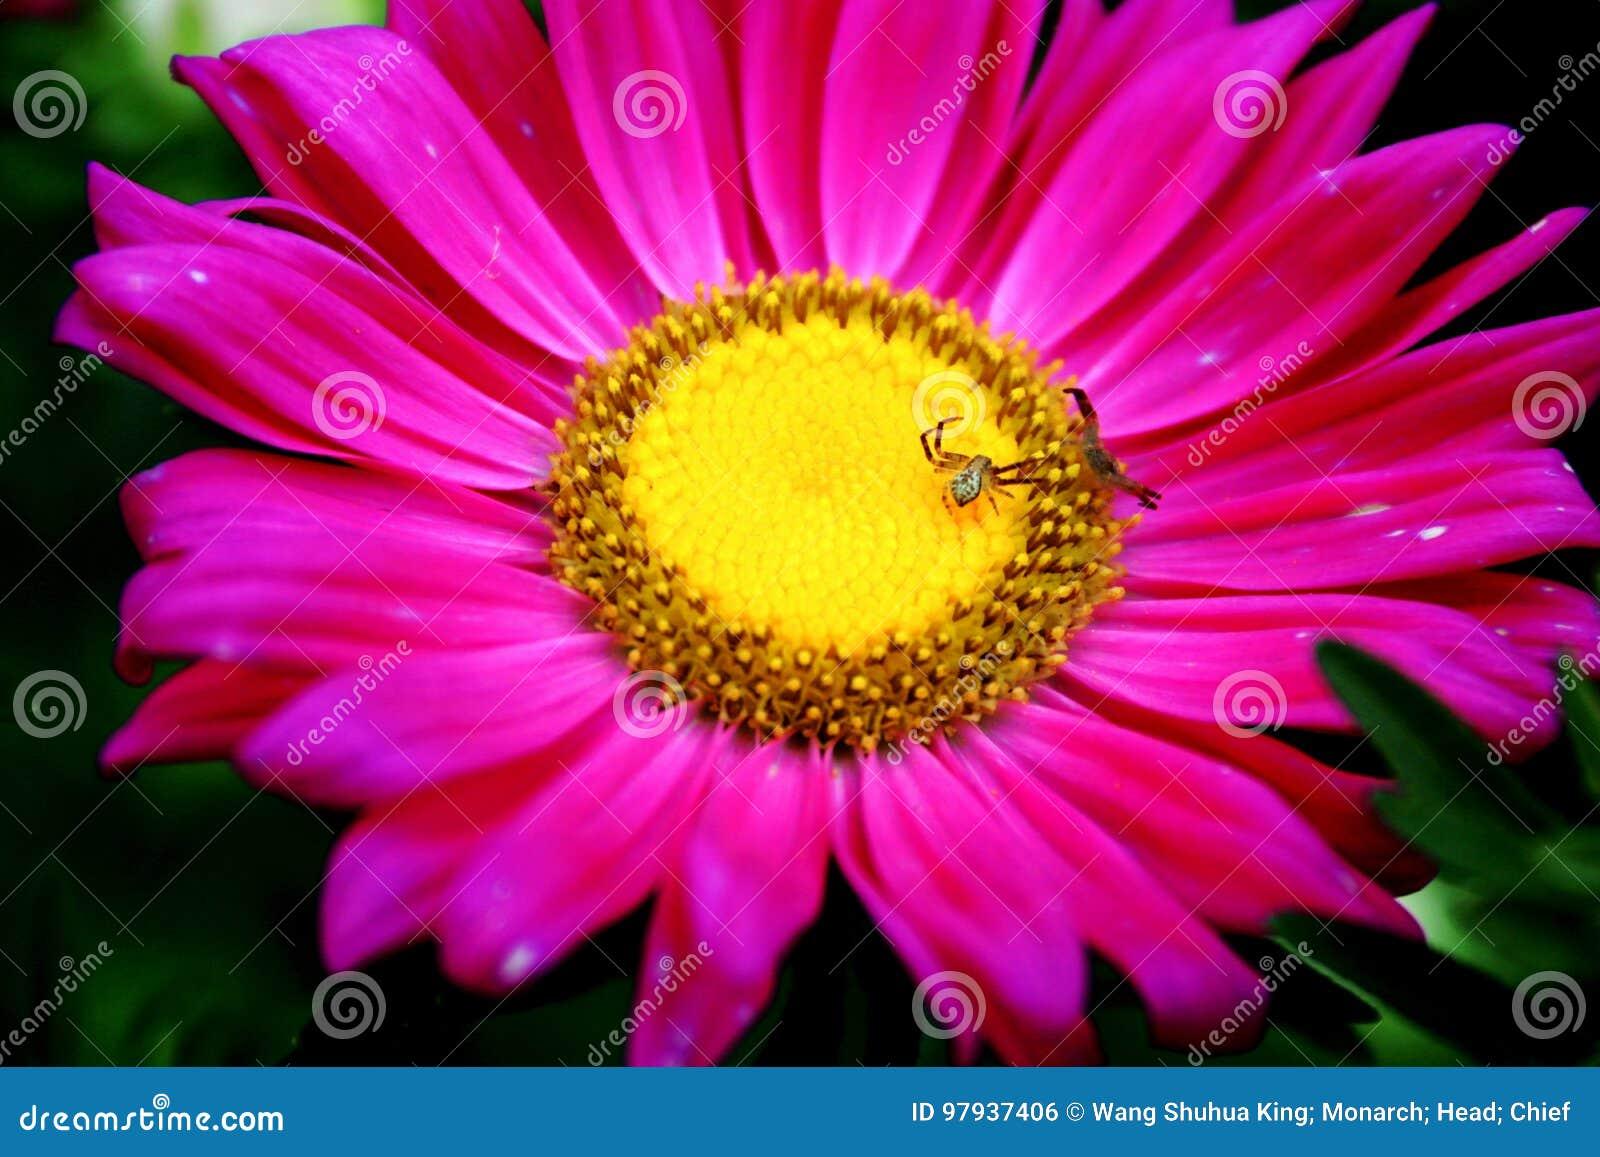 Flower Stock Photo Image Of Familynn Black Garden 97937406